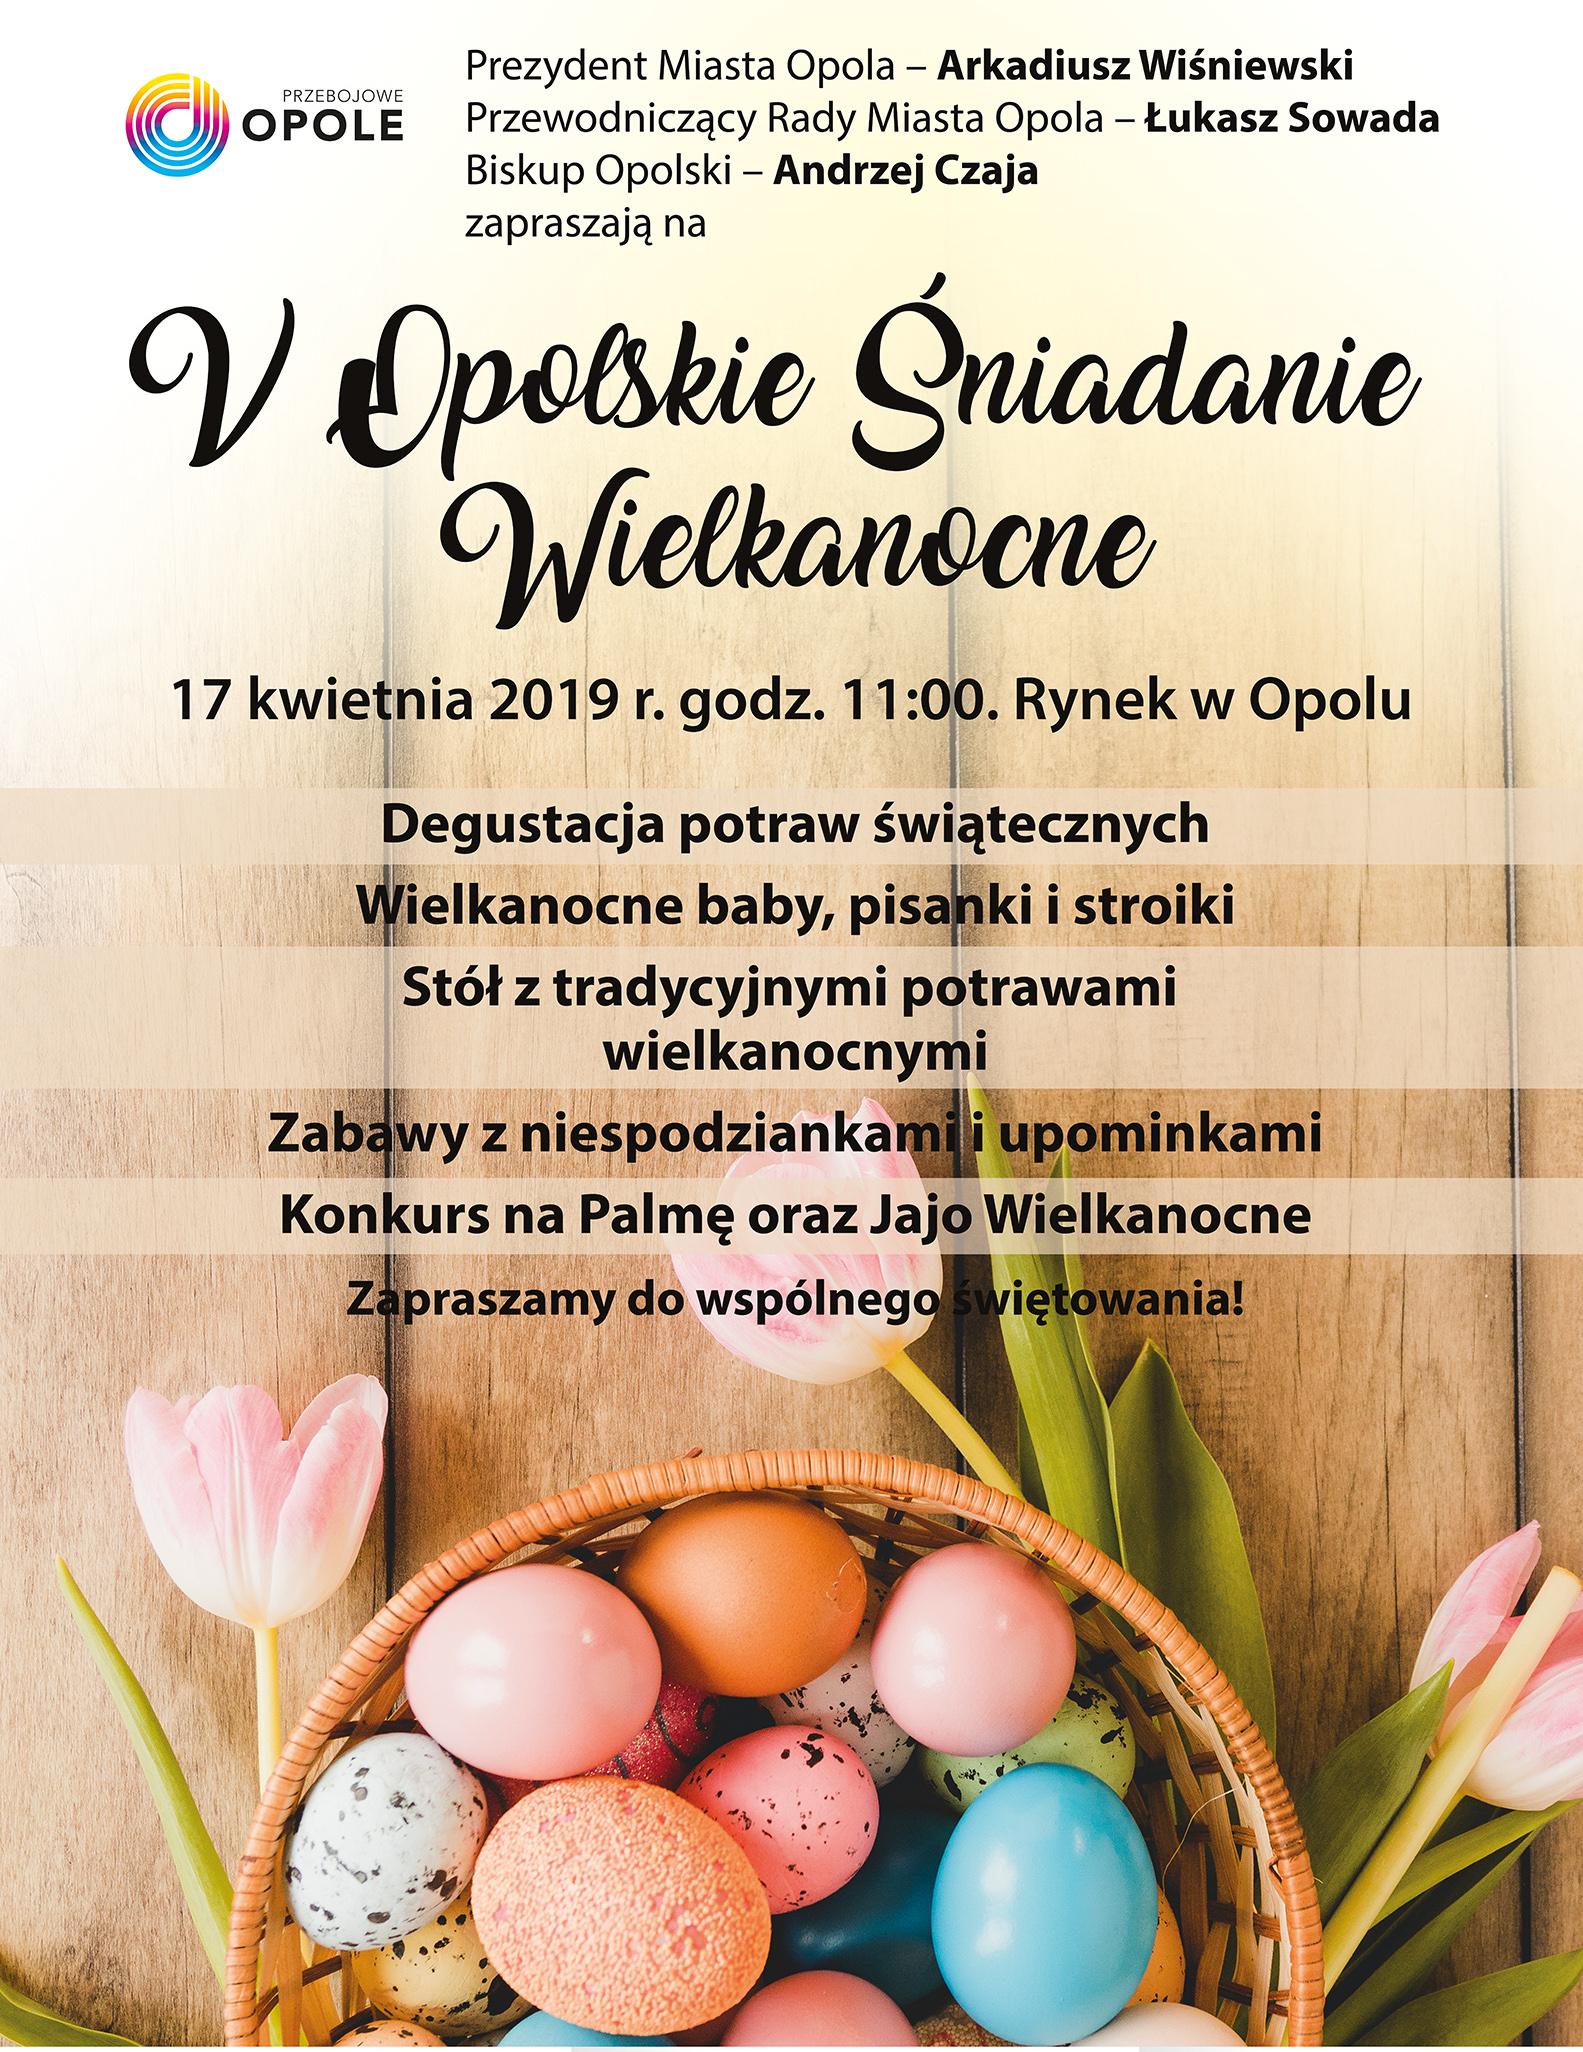 V Śniadanie Wielkanocne na Rynku w Opolu już 17 kwietnia [fot. Justyna Marcińska]